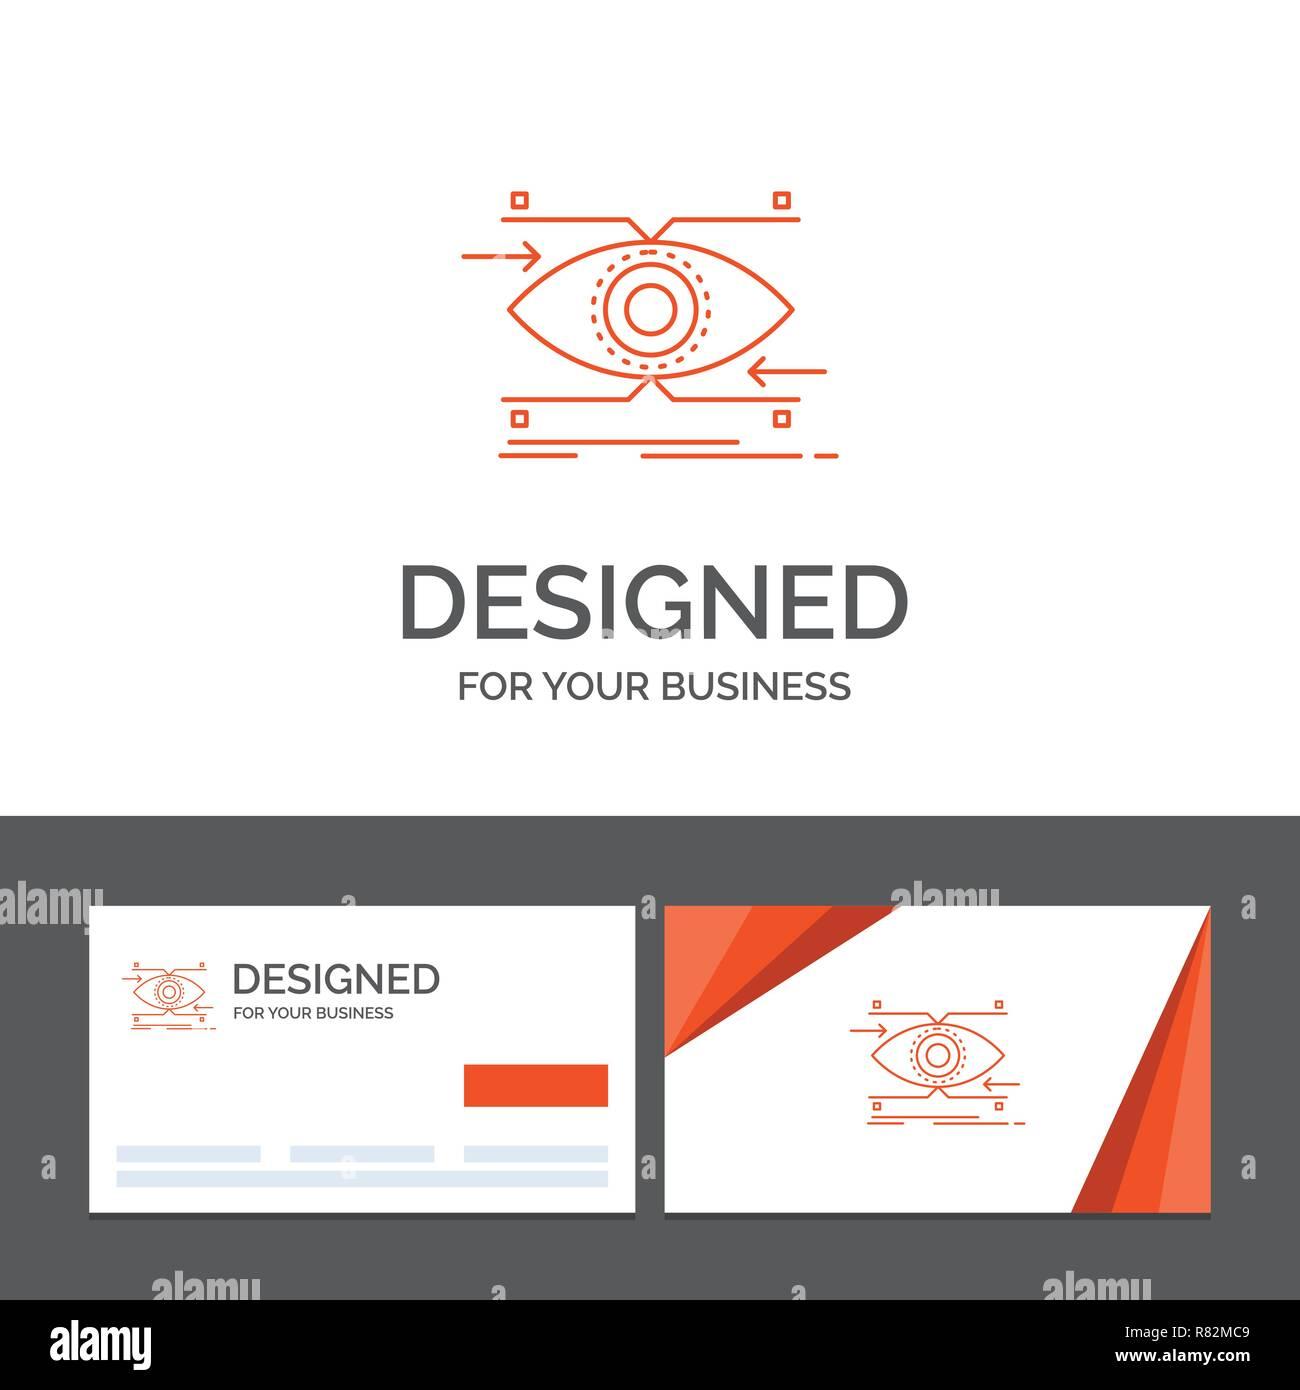 Logo Dentreprise Modele Pour Lattention De Loeil Laccent A La Recherche Vision Cartes Visite Orange Avec Marque Template